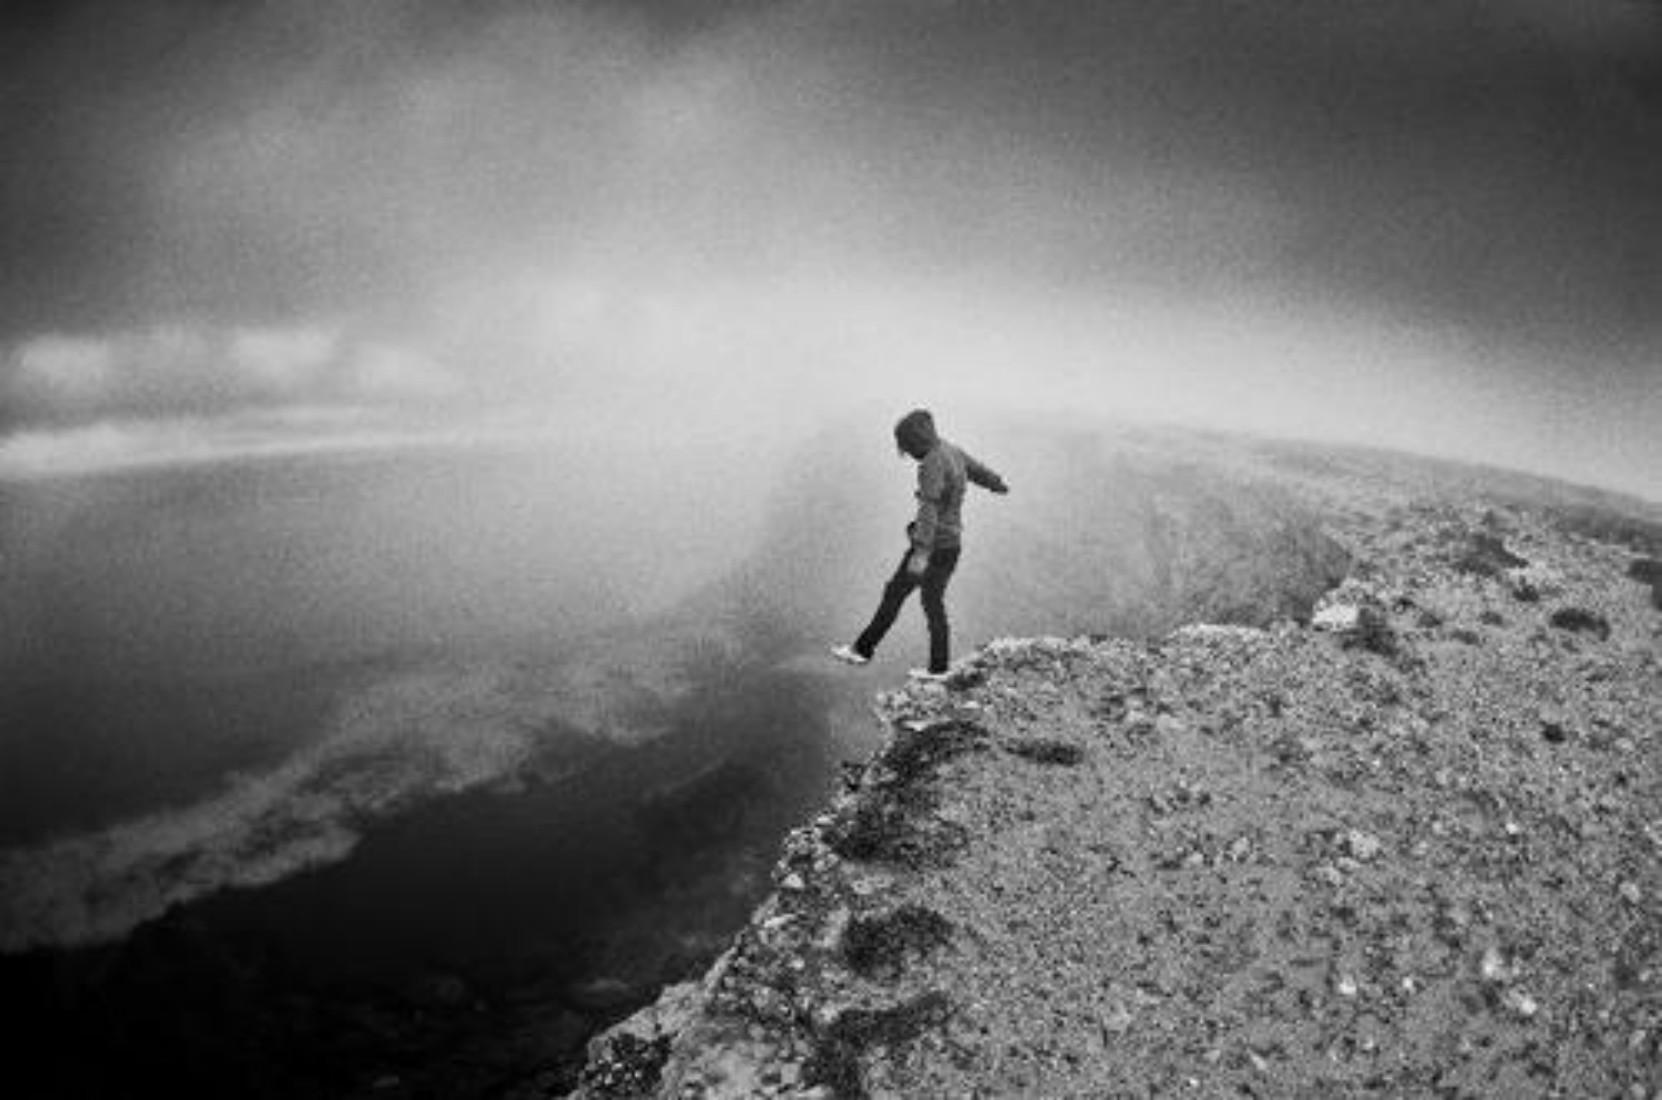 Ko se iz boleče izkušnje, rodi nekaj dobrega: spregovorimo o smrti bližnjega po samomoru